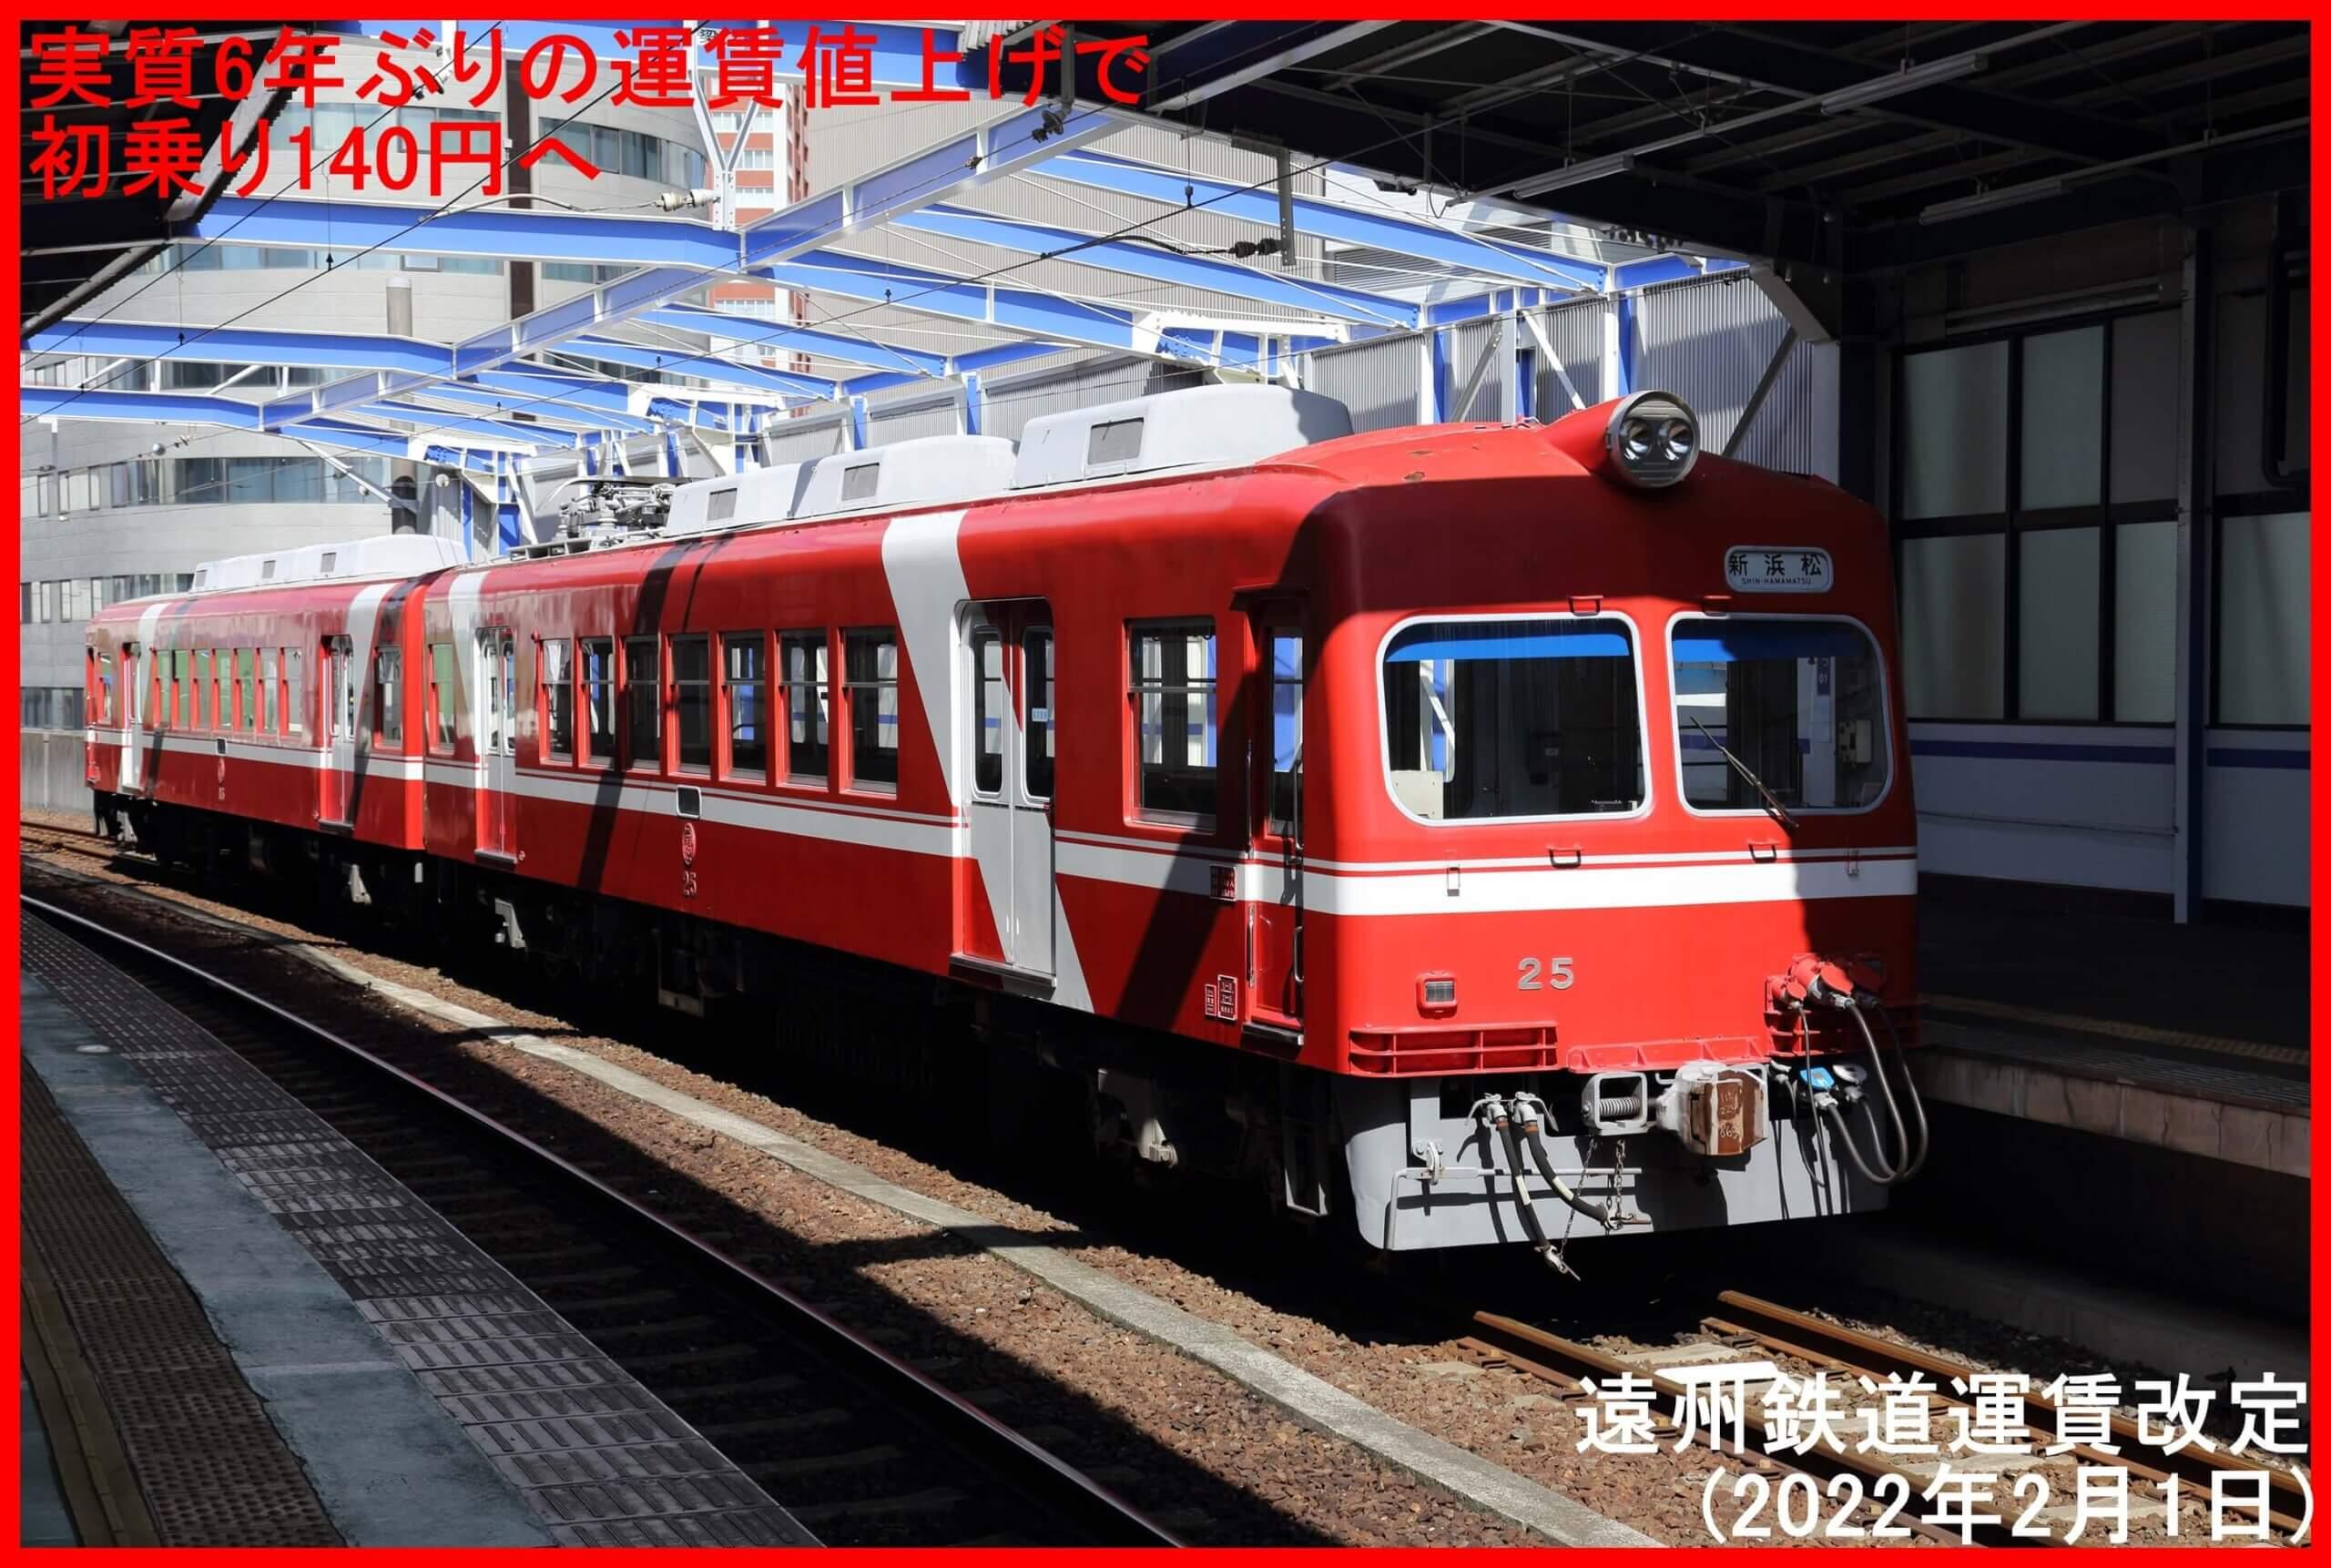 実質6年ぶりの運賃値上げで初乗り140円へ 遠州鉄道運賃改定(2022年2月1日)